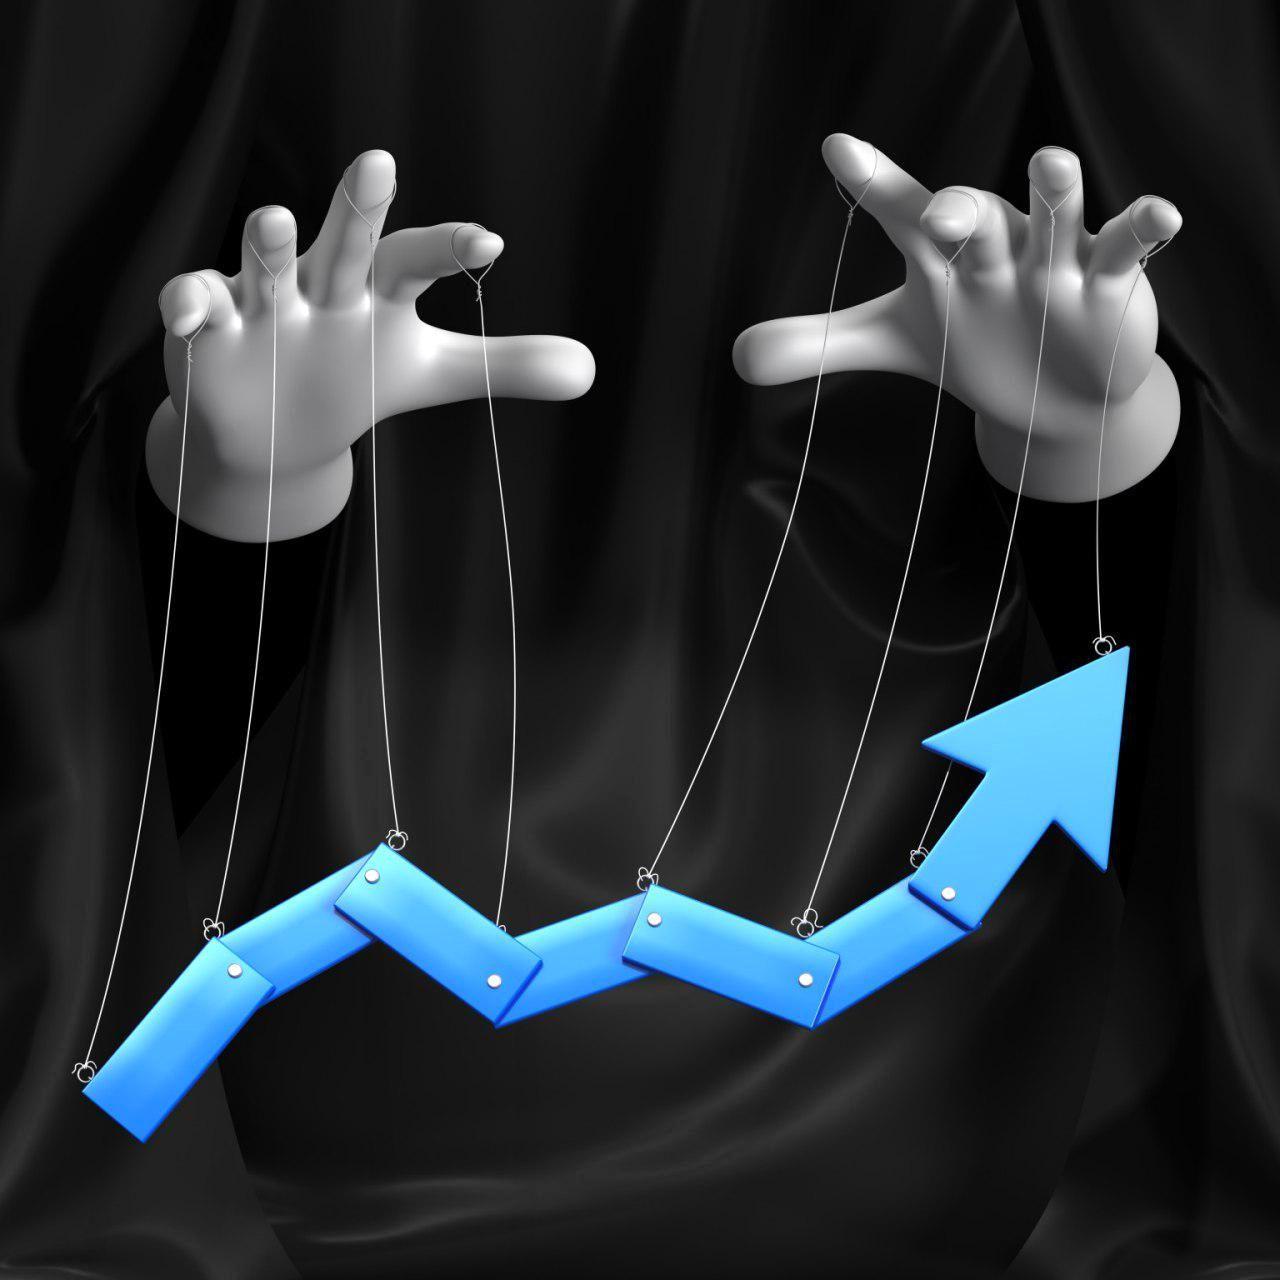 انطباق شاخص بورس با رشد نرخ ارز و تورم در یکسال آتی